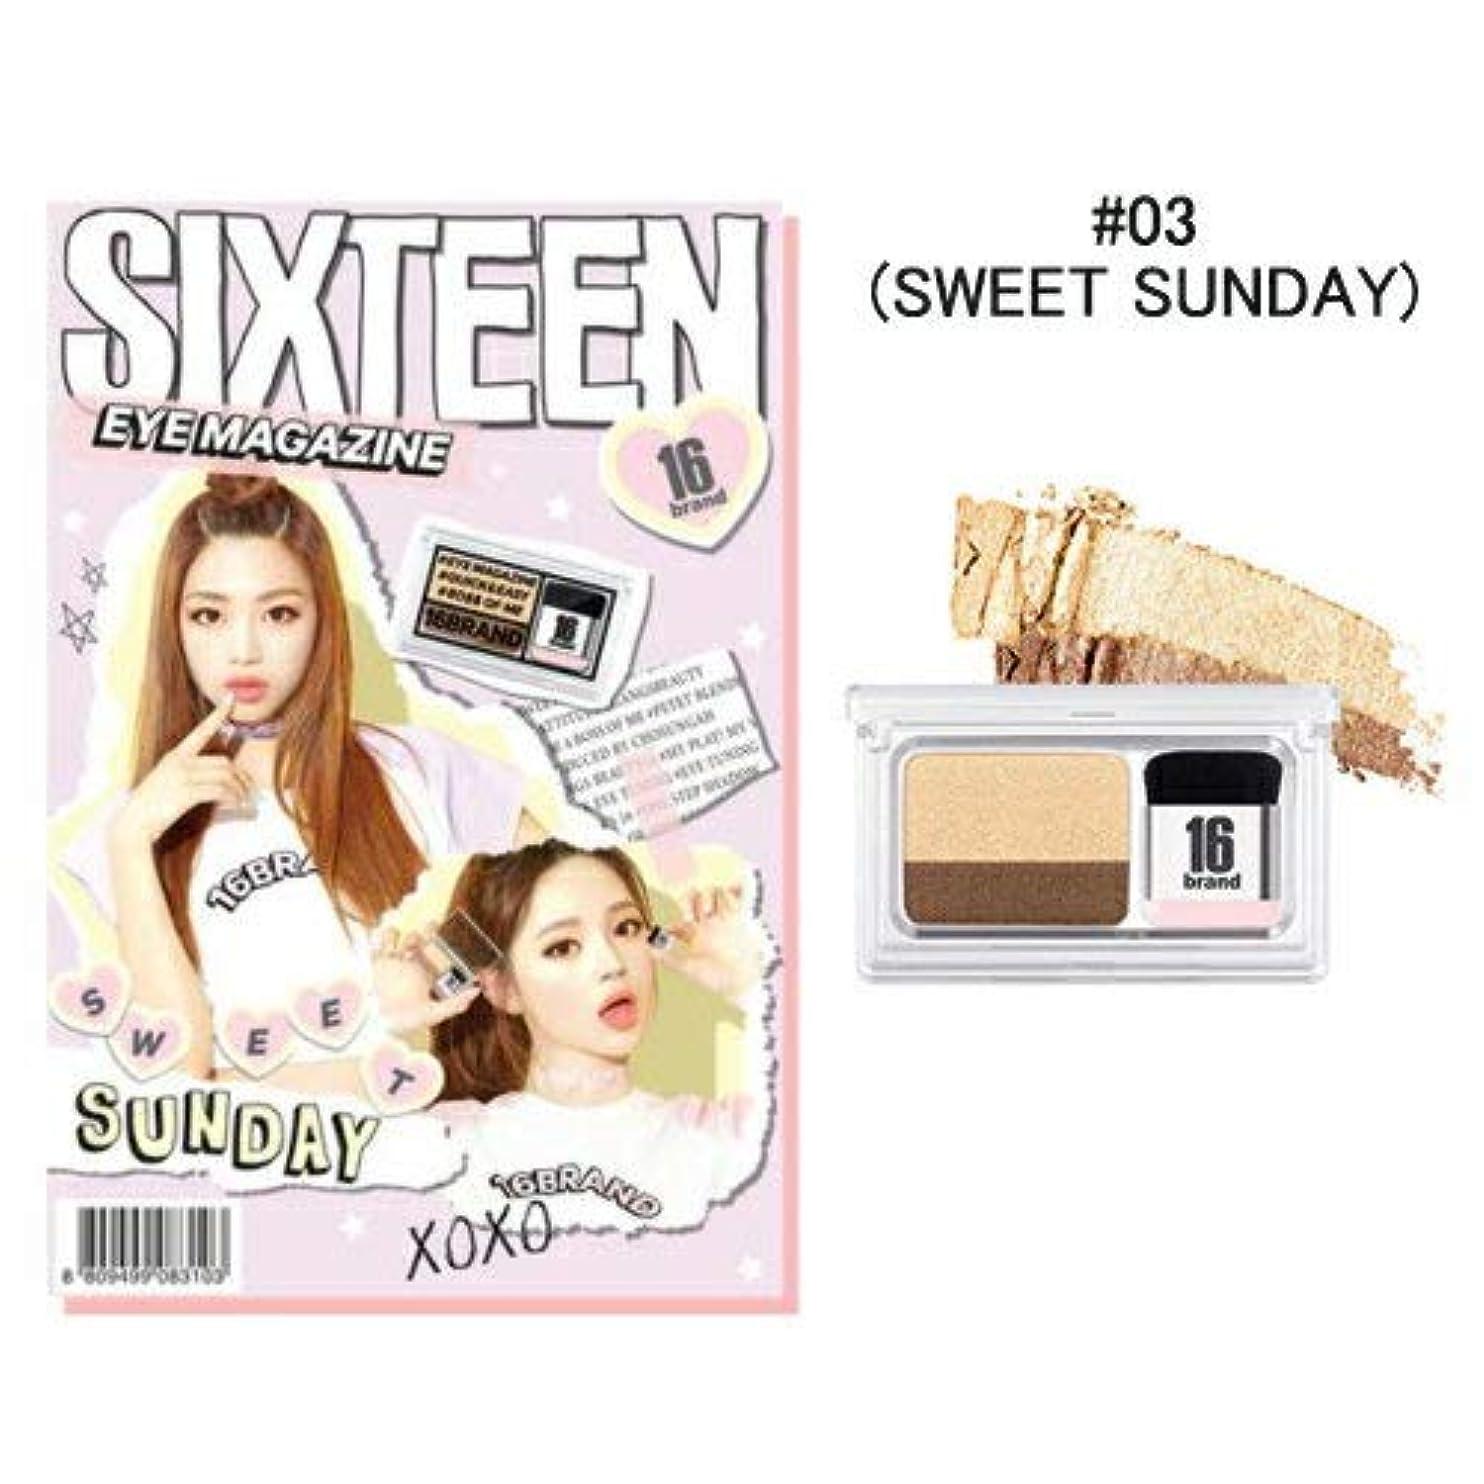 覆す台無しに学部[New Color] 16brand Sixteen Eye Magazine 2g /16ブランド シックスティーン アイ マガジン 2g (#03 SWEET SUNDAY) [並行輸入品]